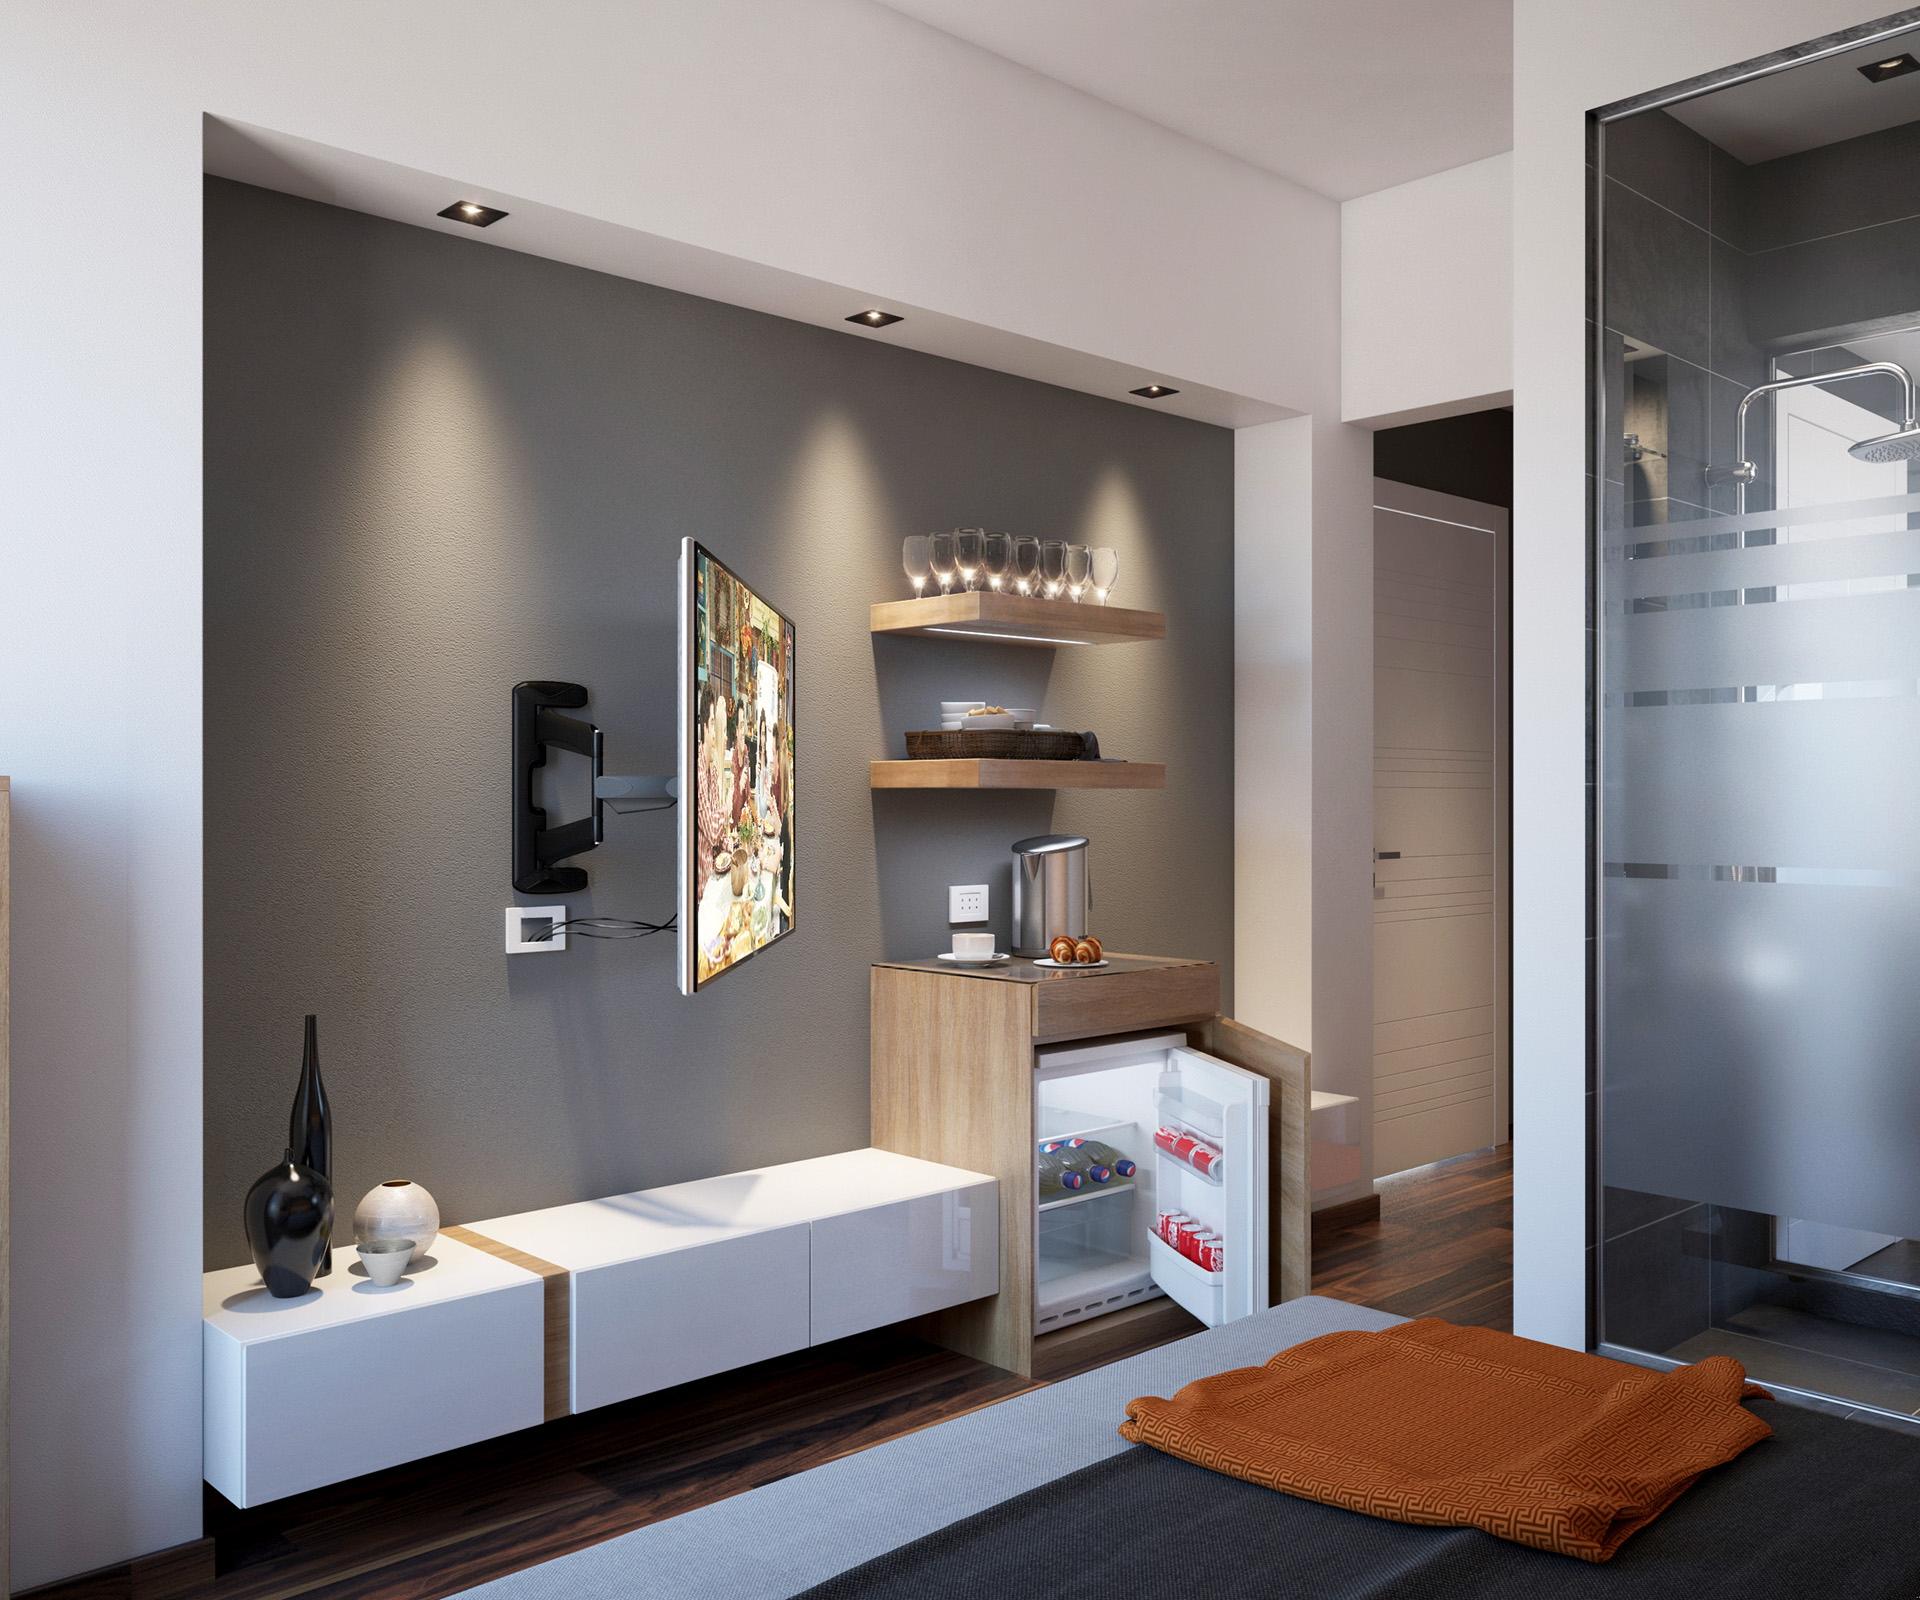 平層-迷你公寓-32_004